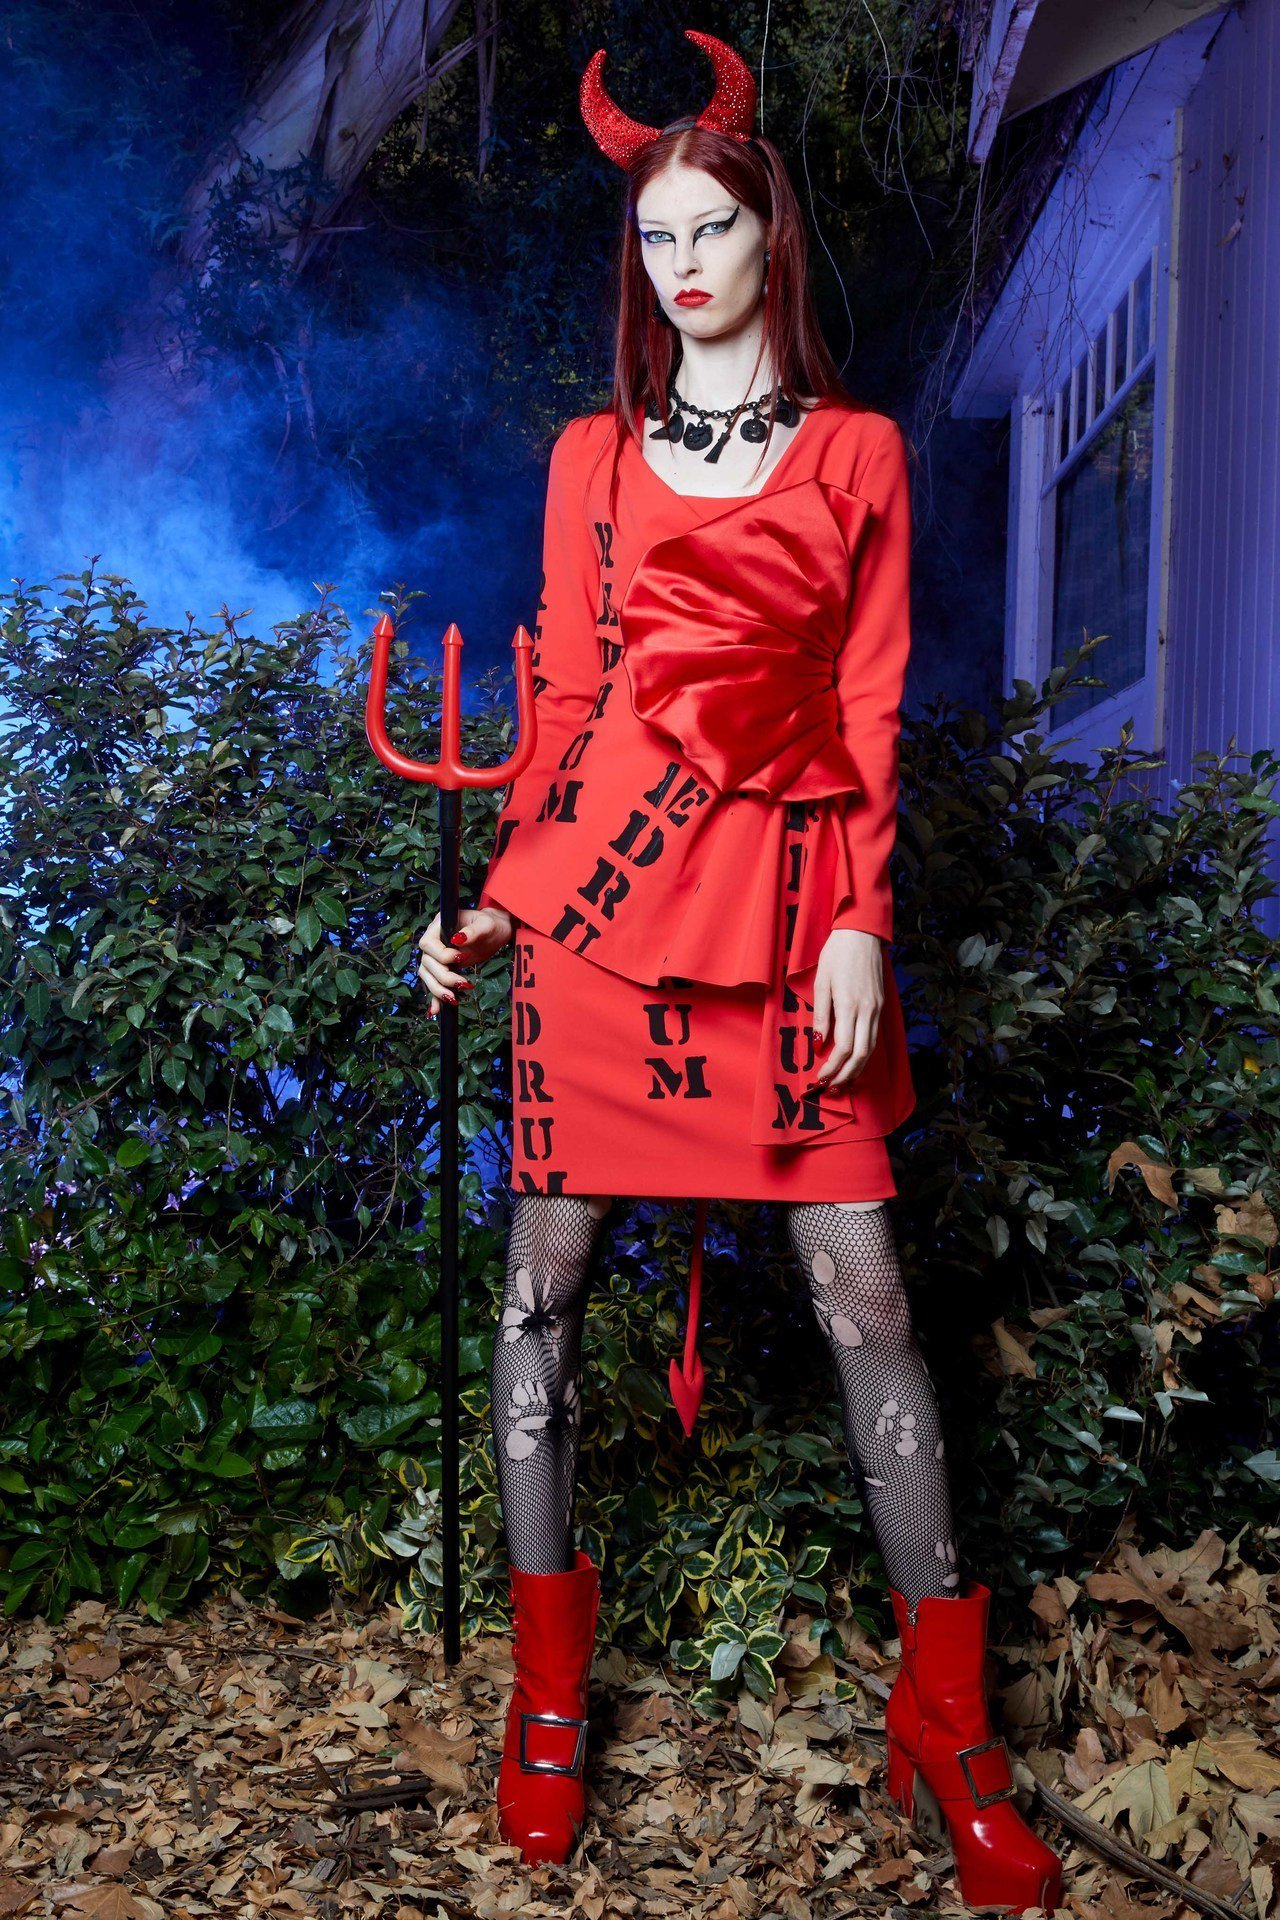 《鬼店》中主角兒子喃喃自語念著的「REDRUM」變成紅色洋裝上的標語。圖/Mos...